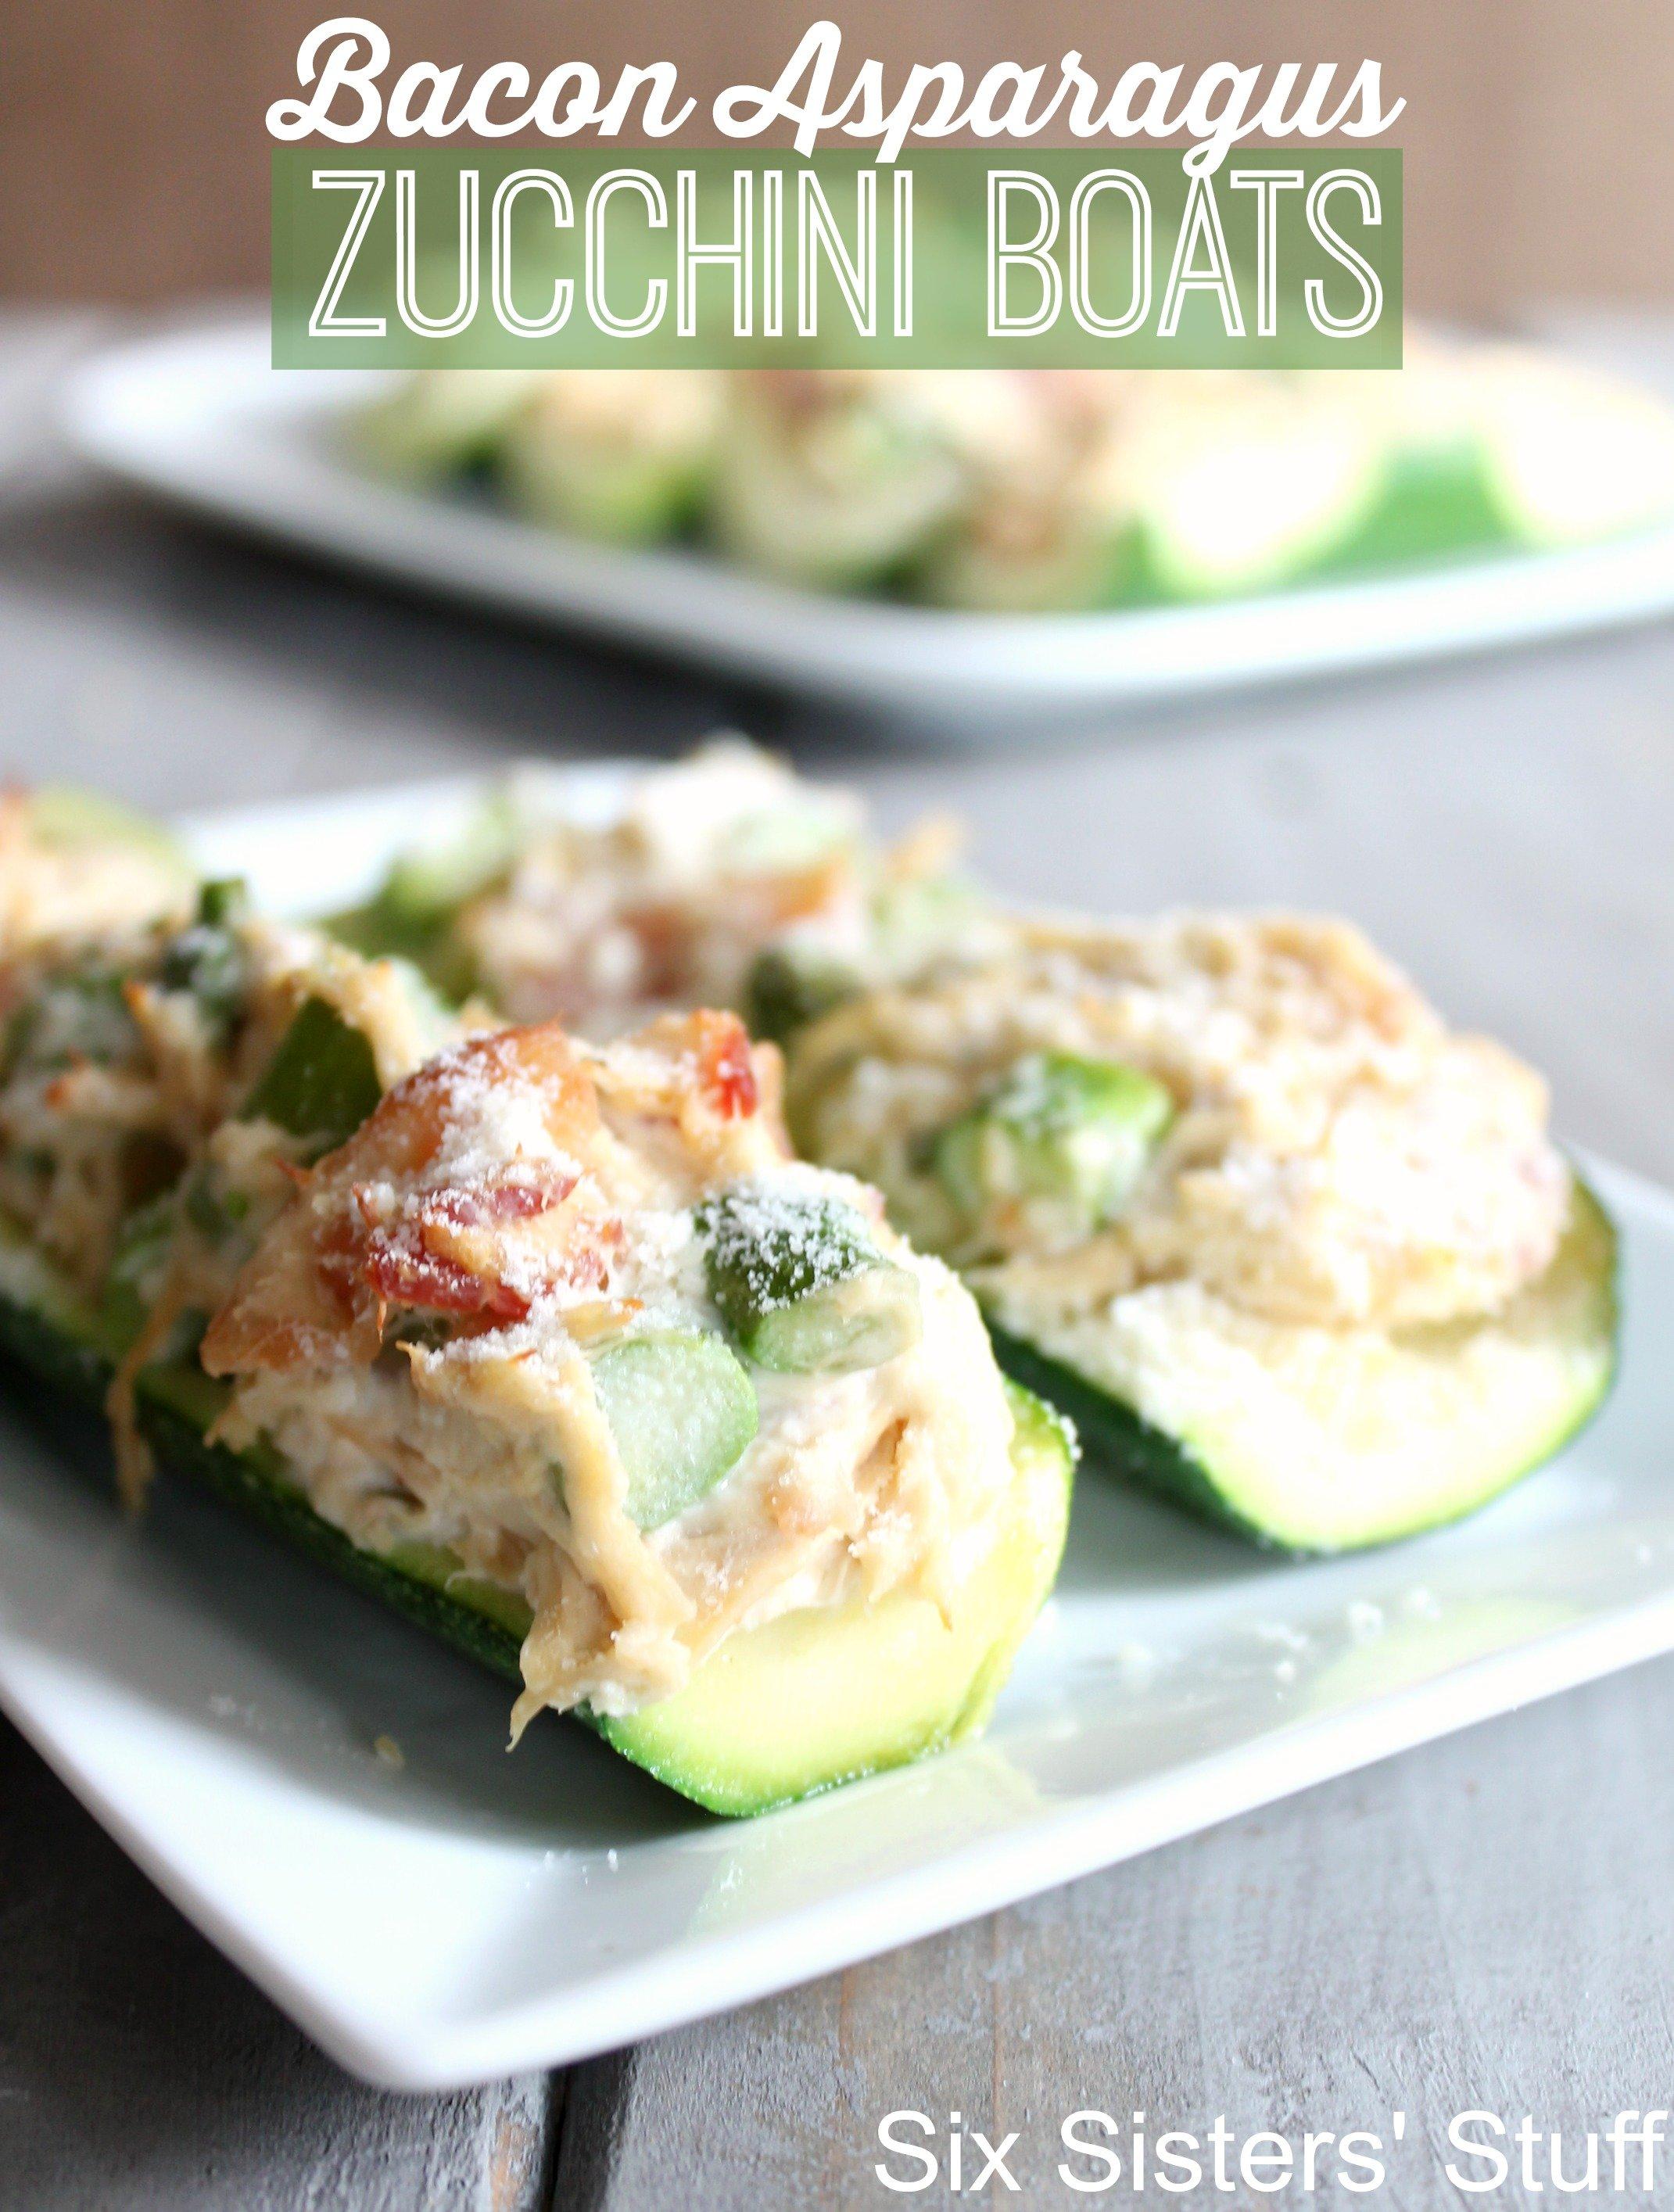 Bacon Zucchini Boats